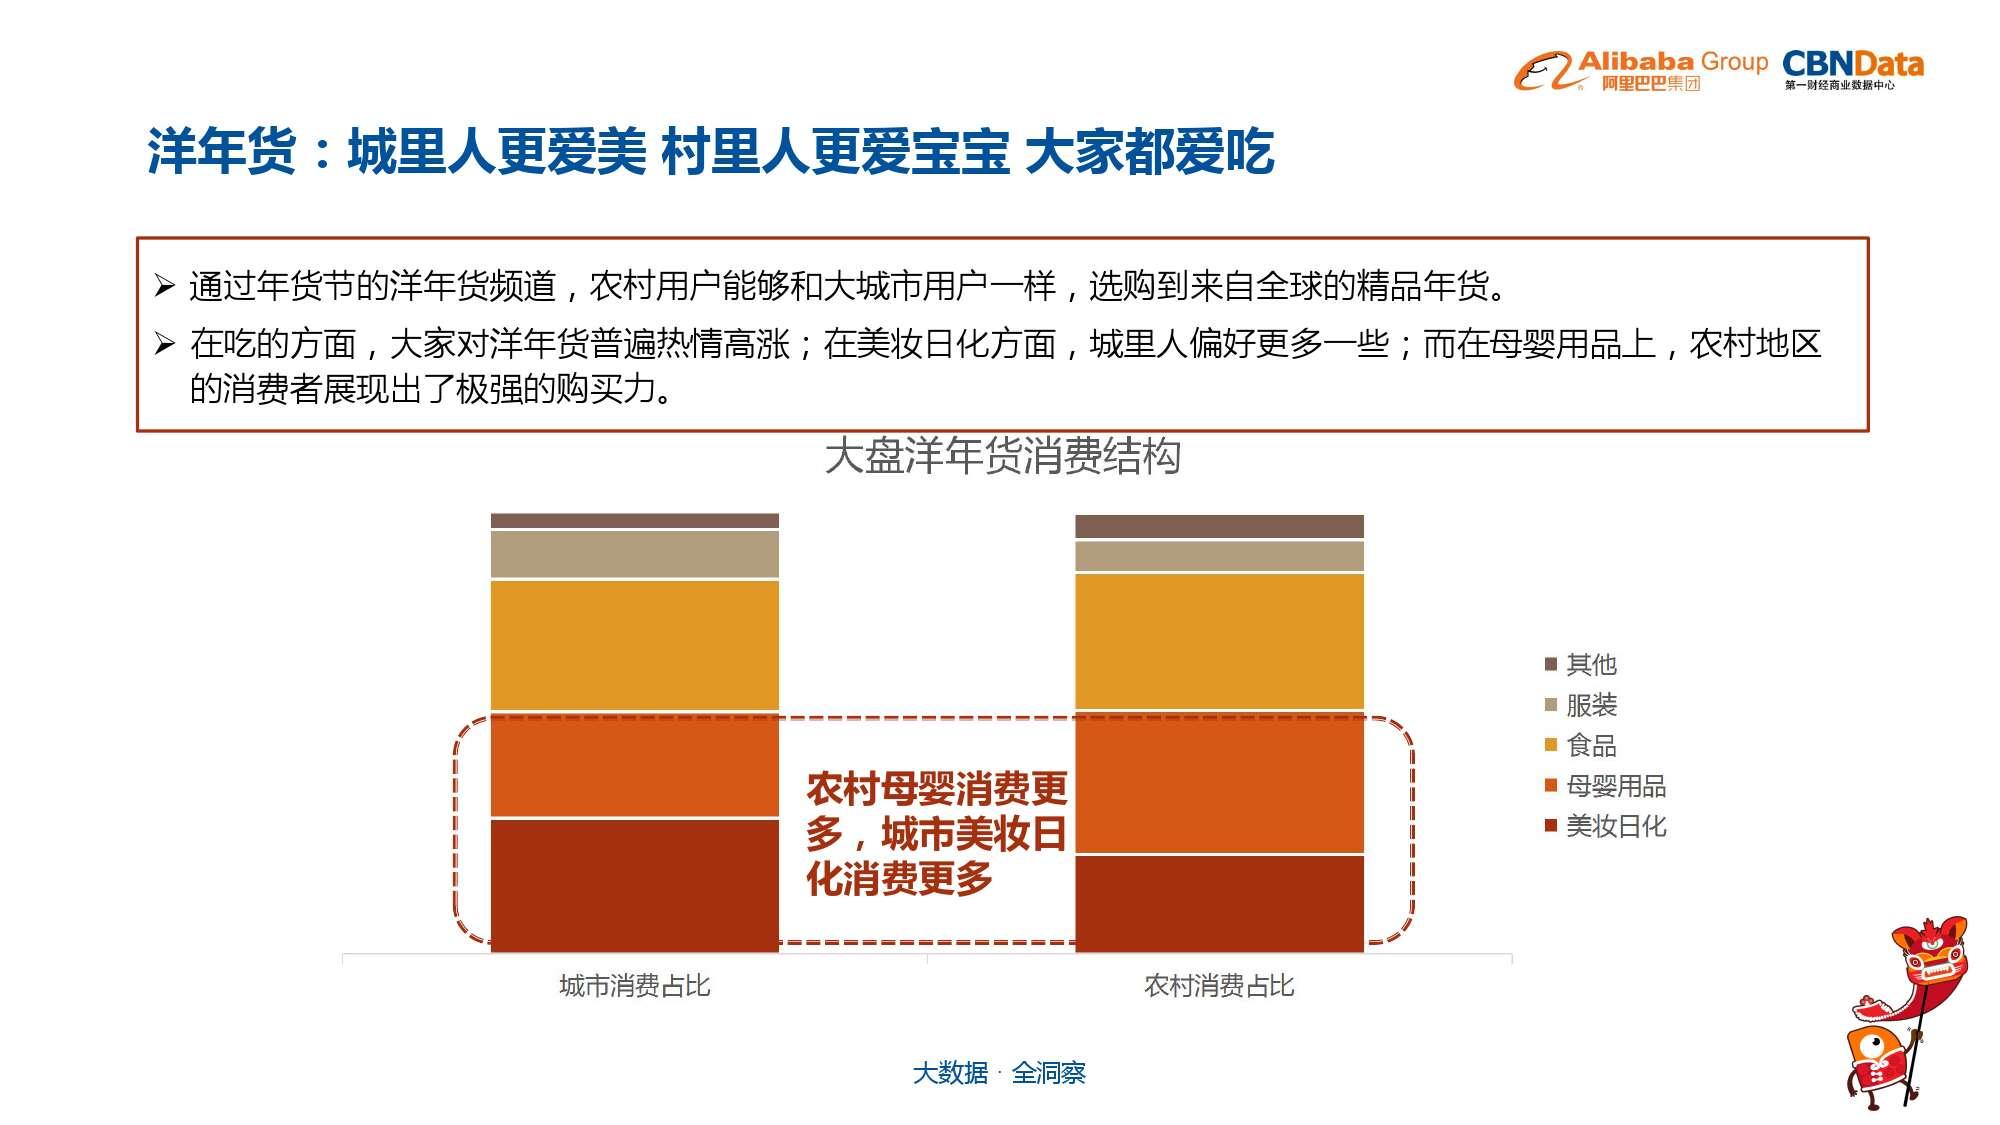 中国年货大数据报告_000026